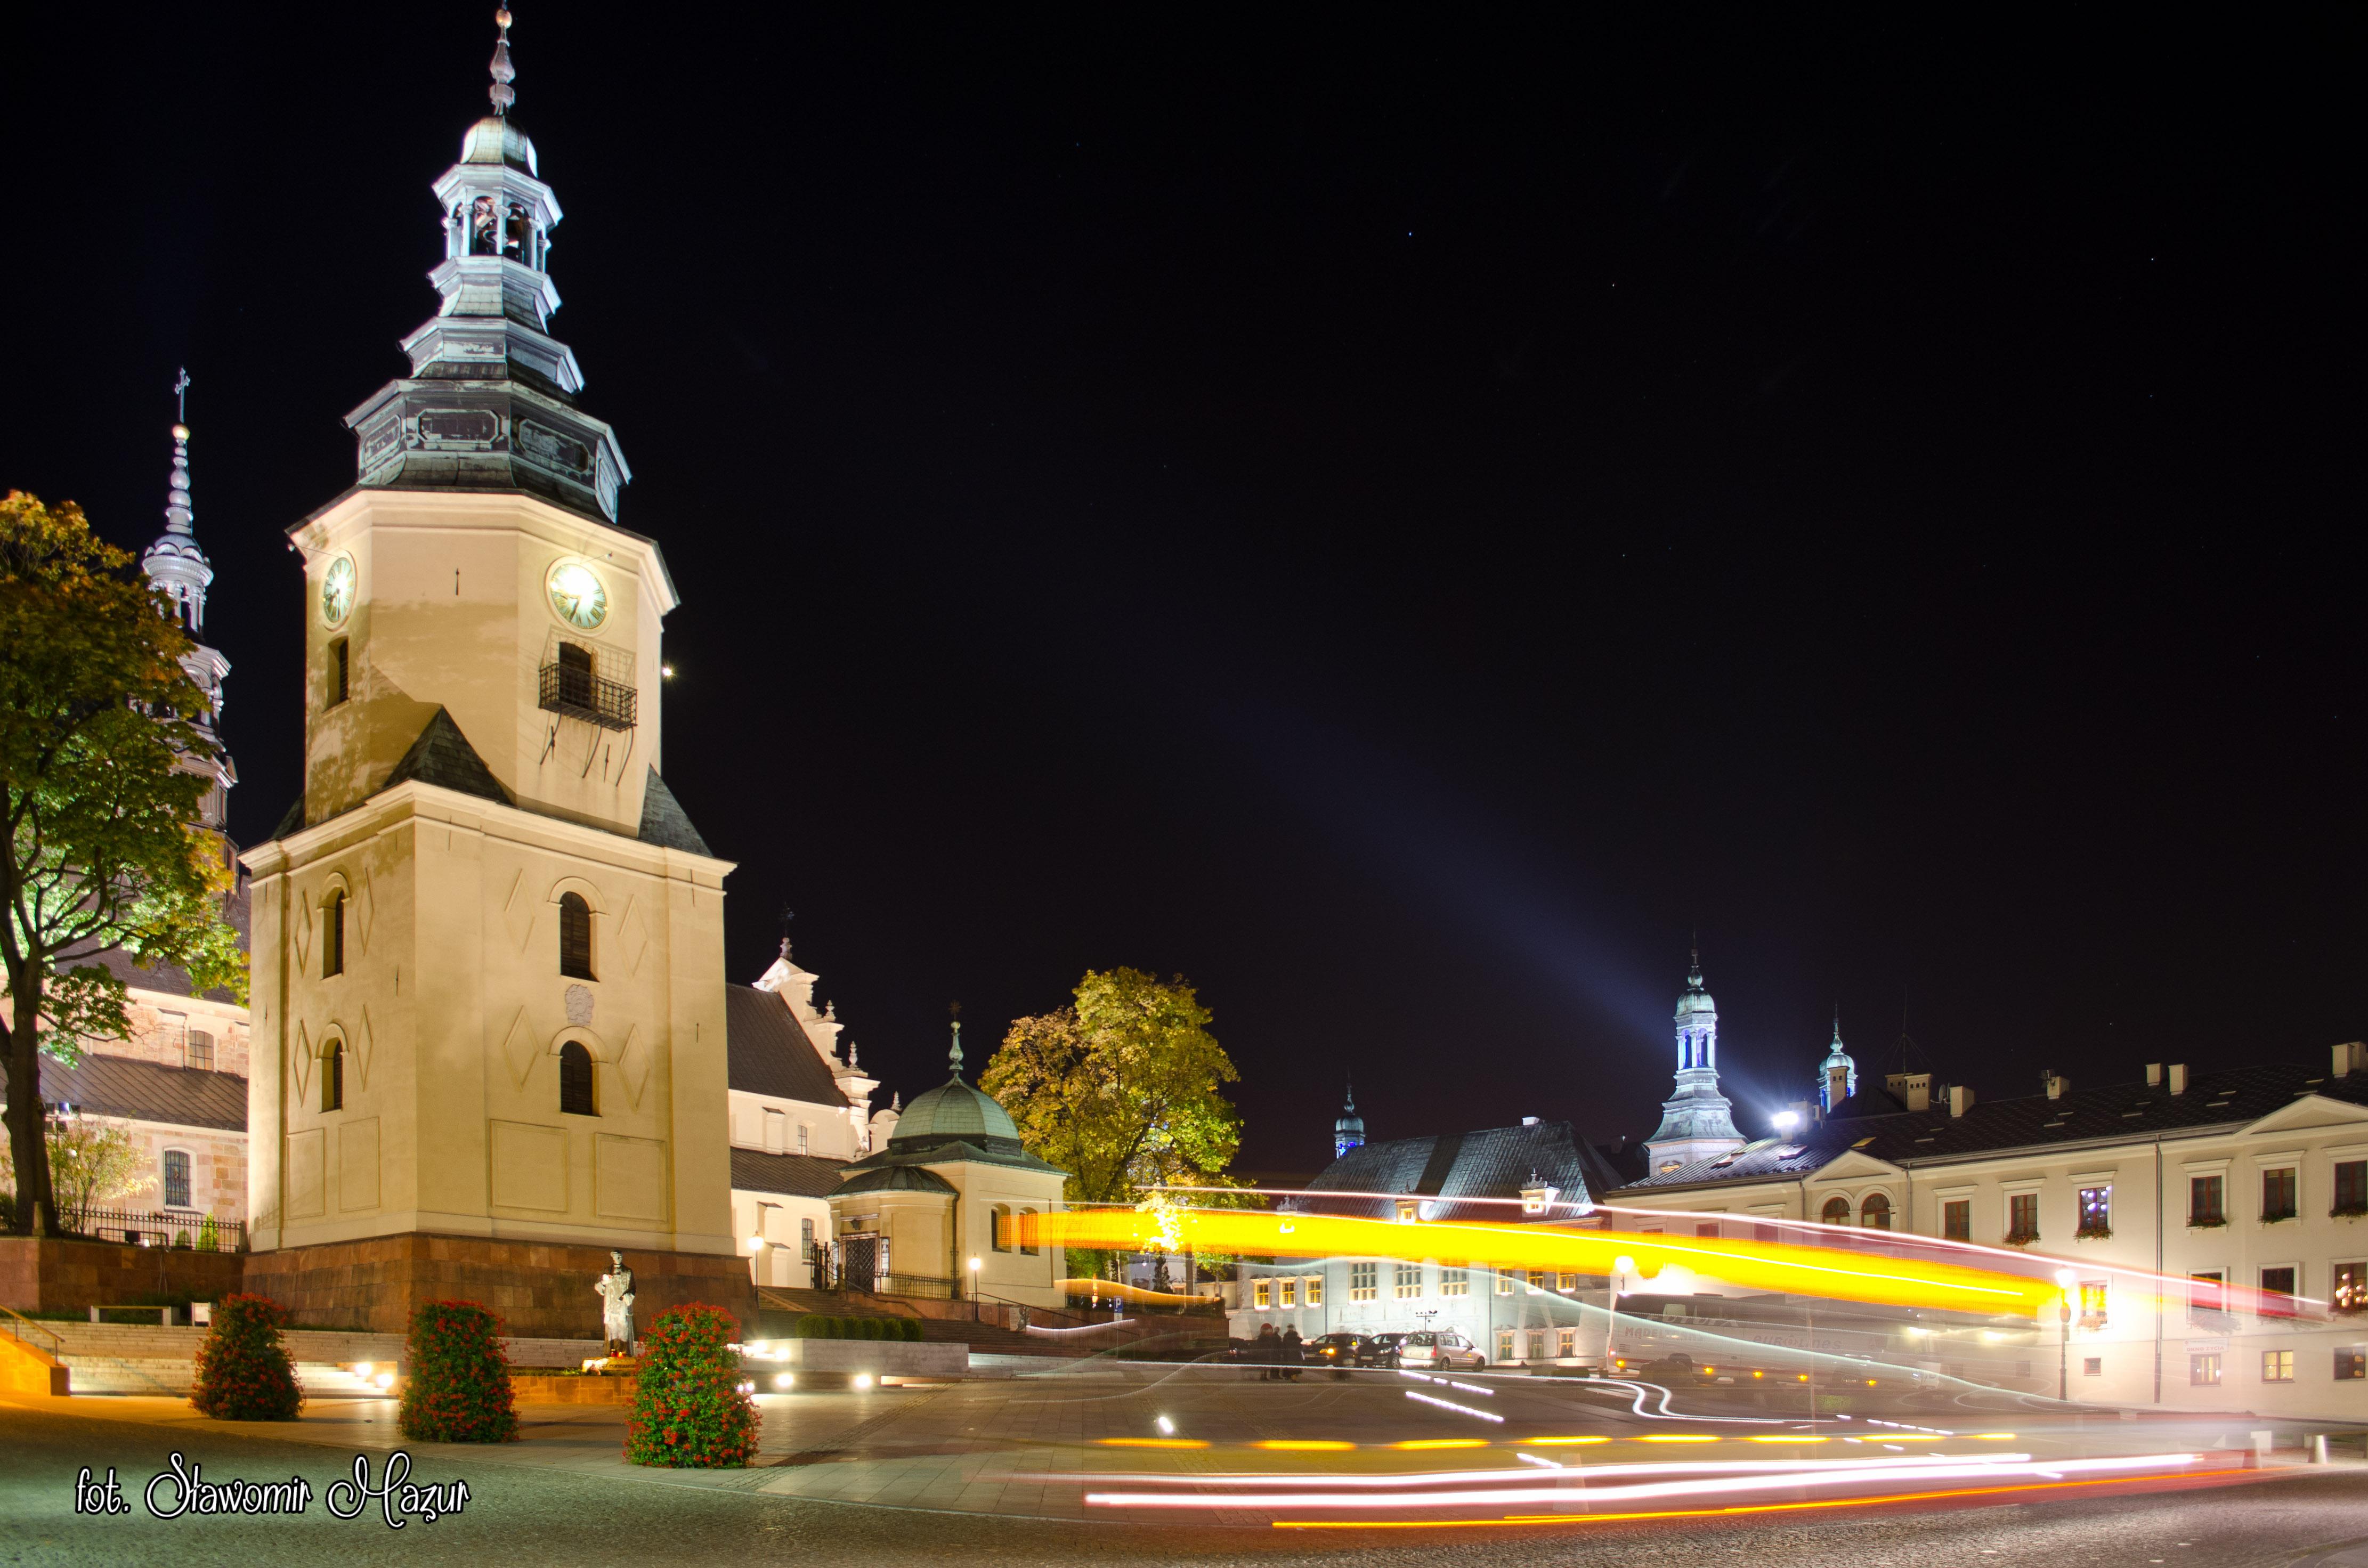 Wzgórze katedralne w Kielcach